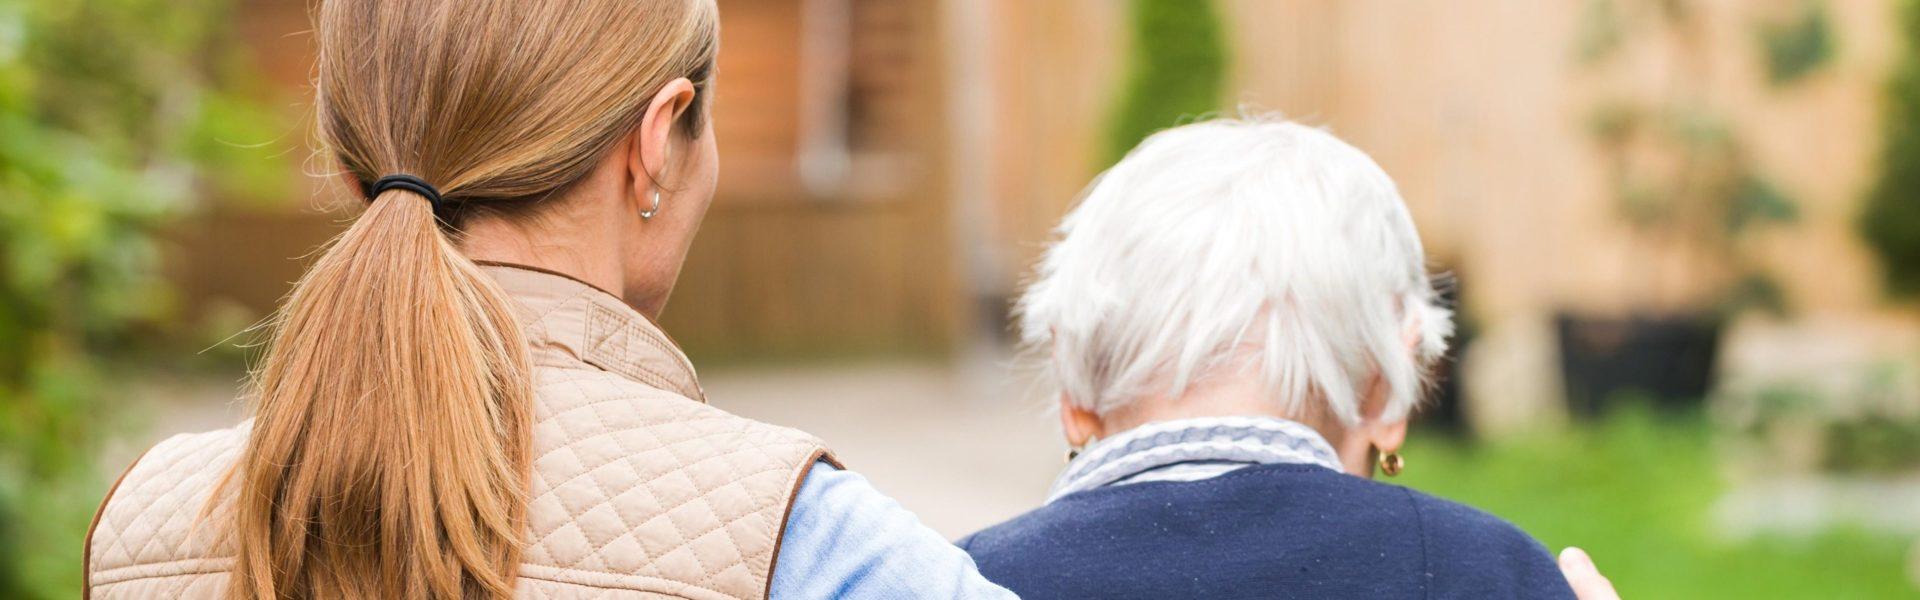 Online-Seminar-Reihe Hilfe@Work: Nur vergessen? – Umgang mit Demenz